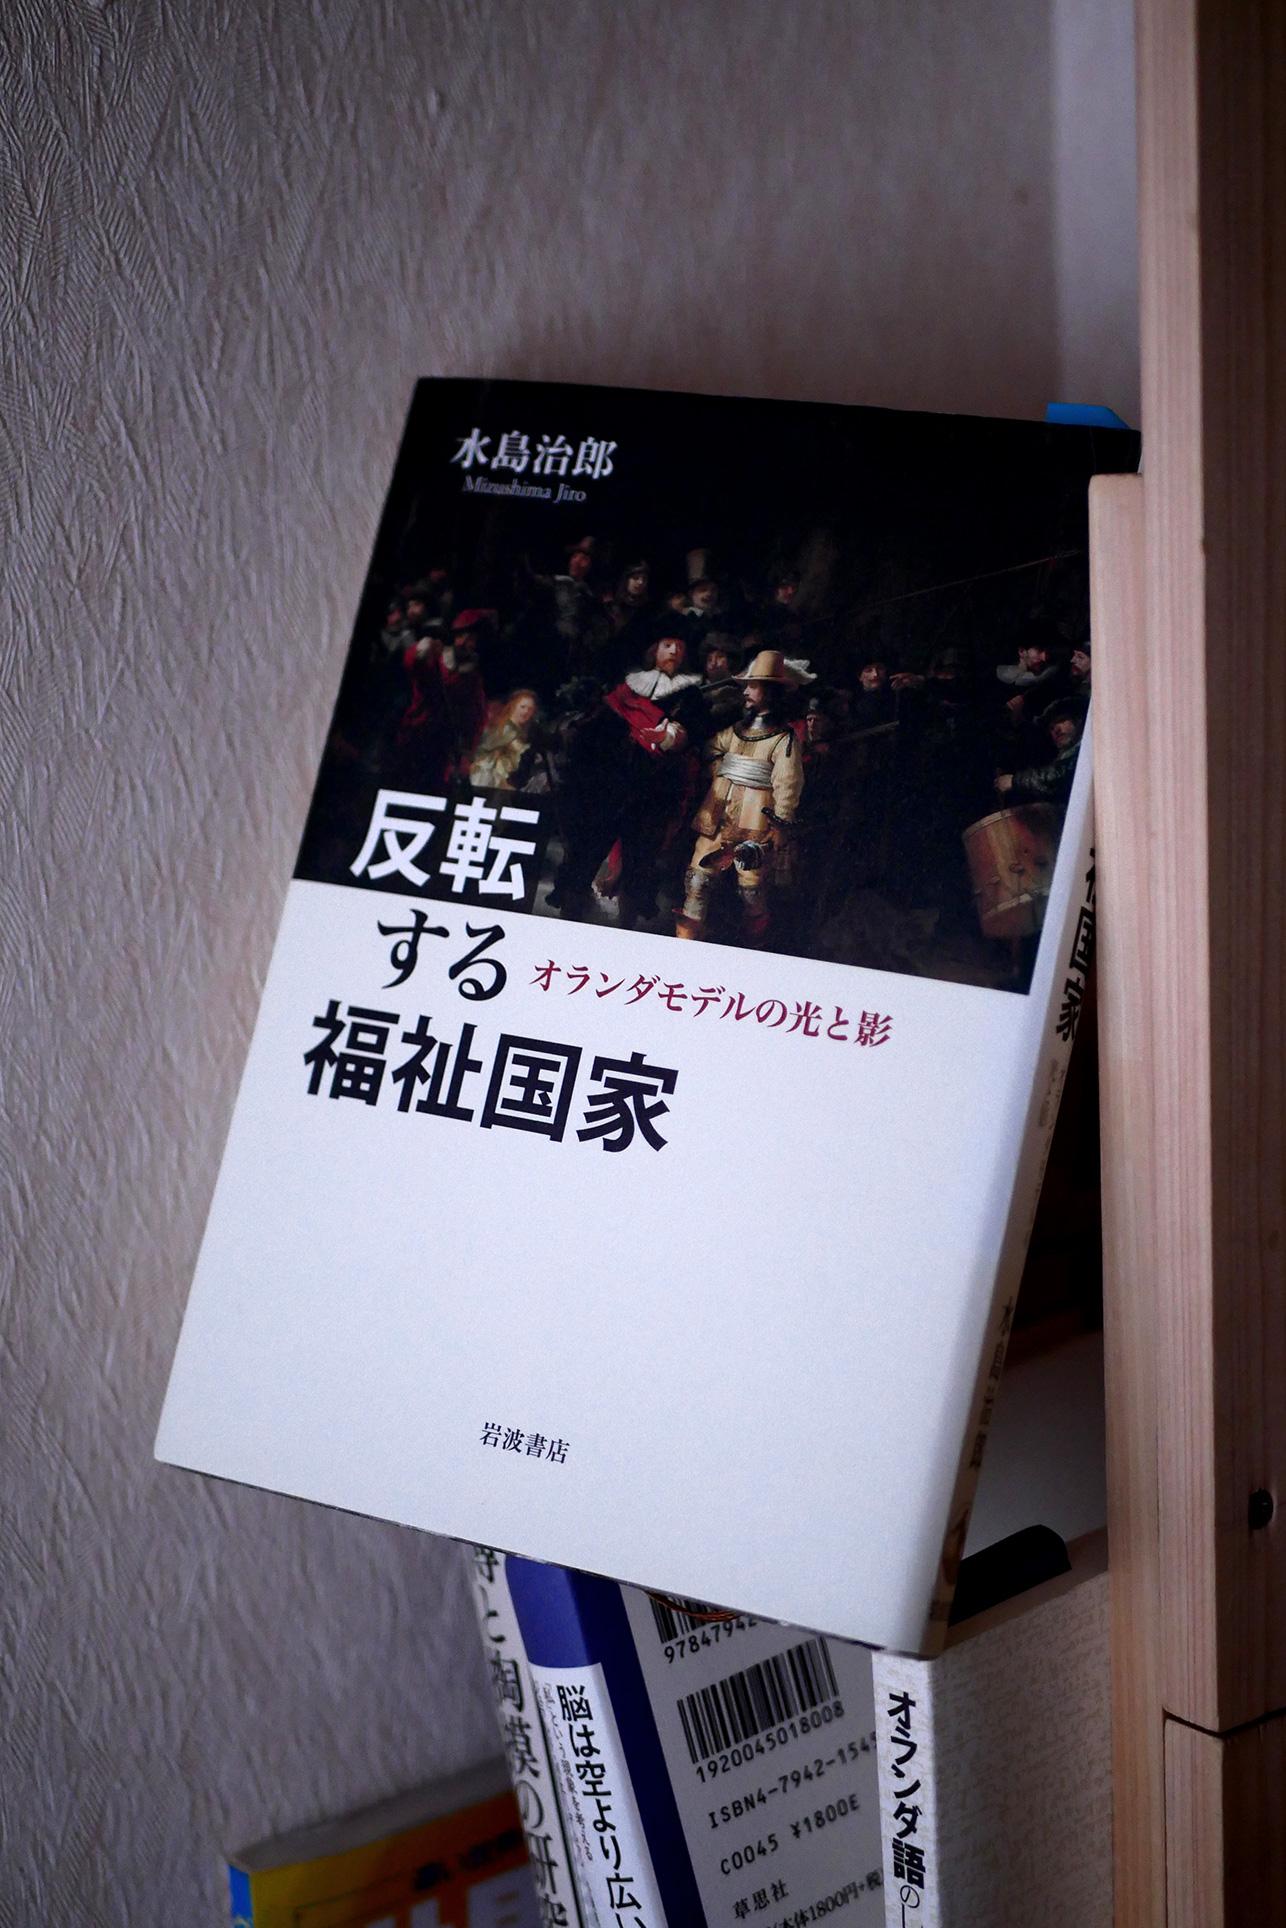 書籍反転する福祉国家――オランダモデルの光と影(水島 治郎/岩波書店)」の表紙画像